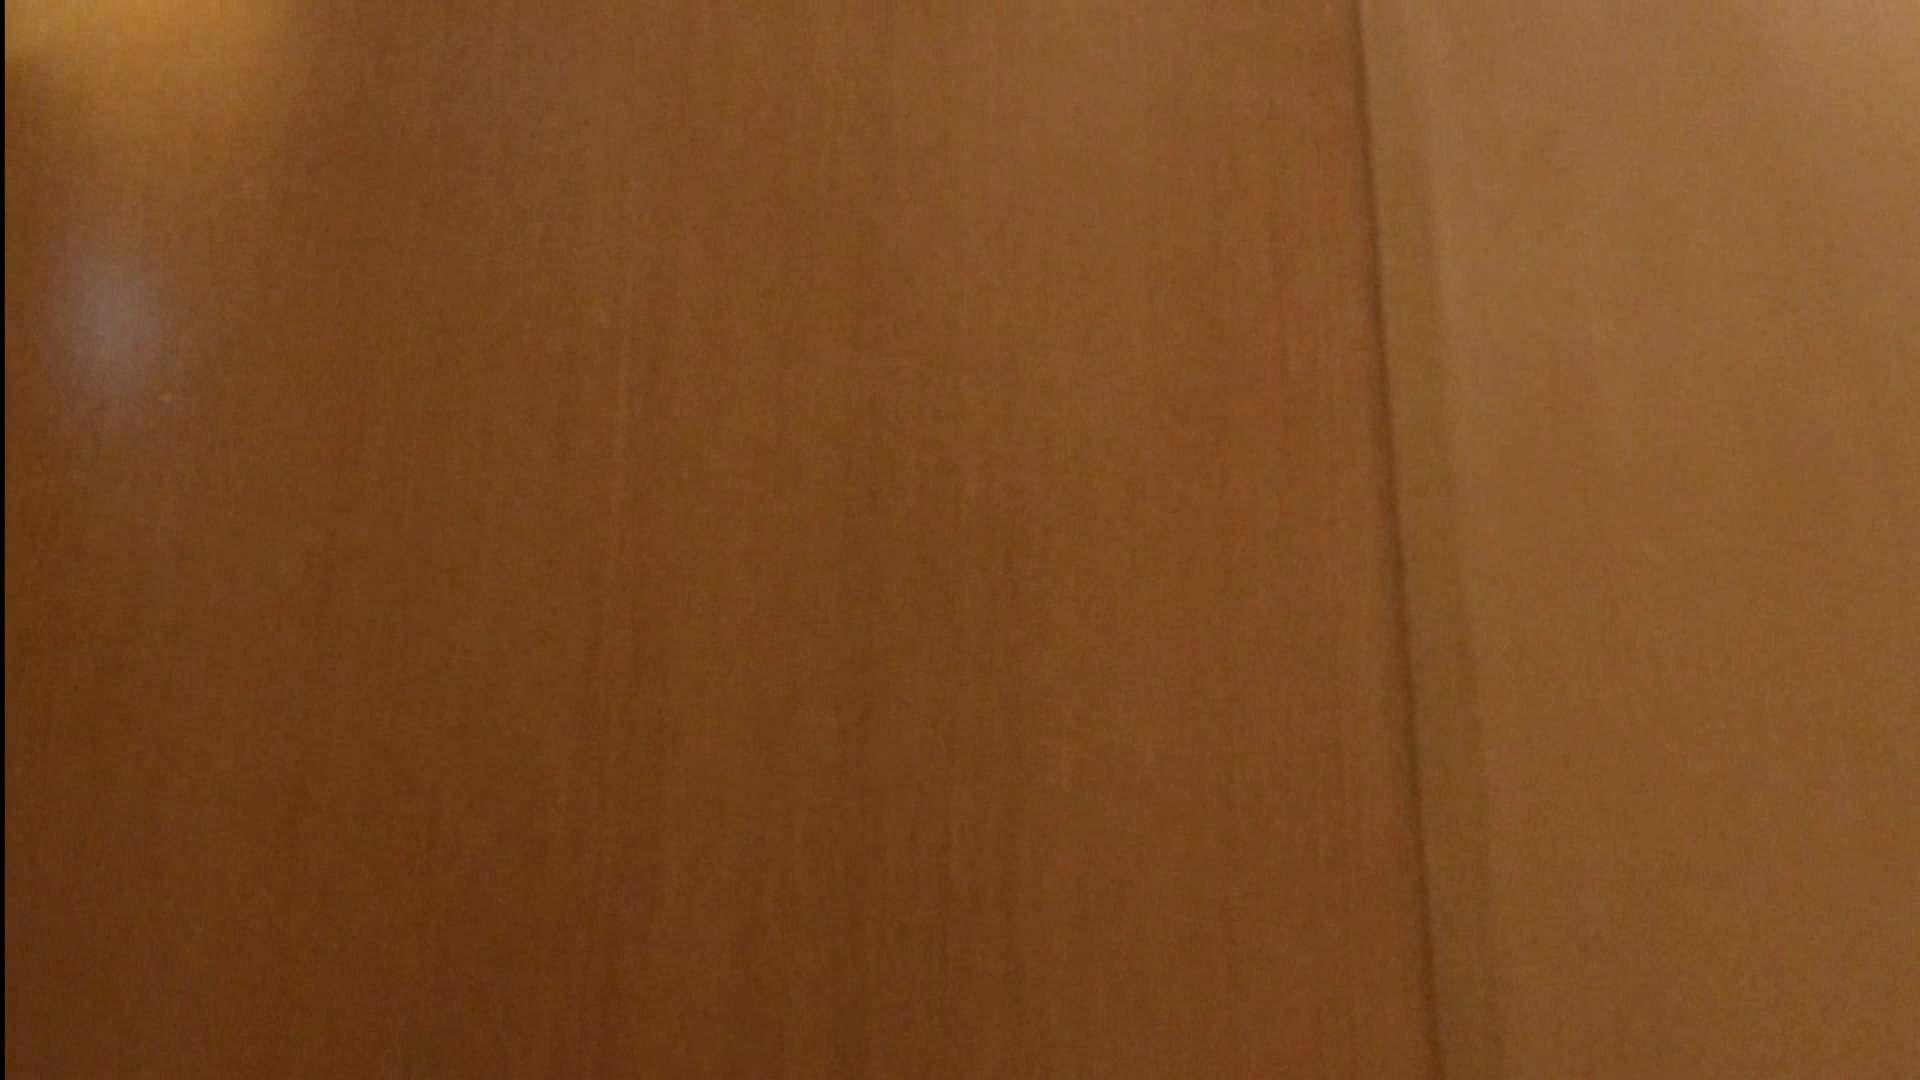 「噂」の国の厠観察日記2 Vol.04 人気シリーズ   厠の中で  10枚 5